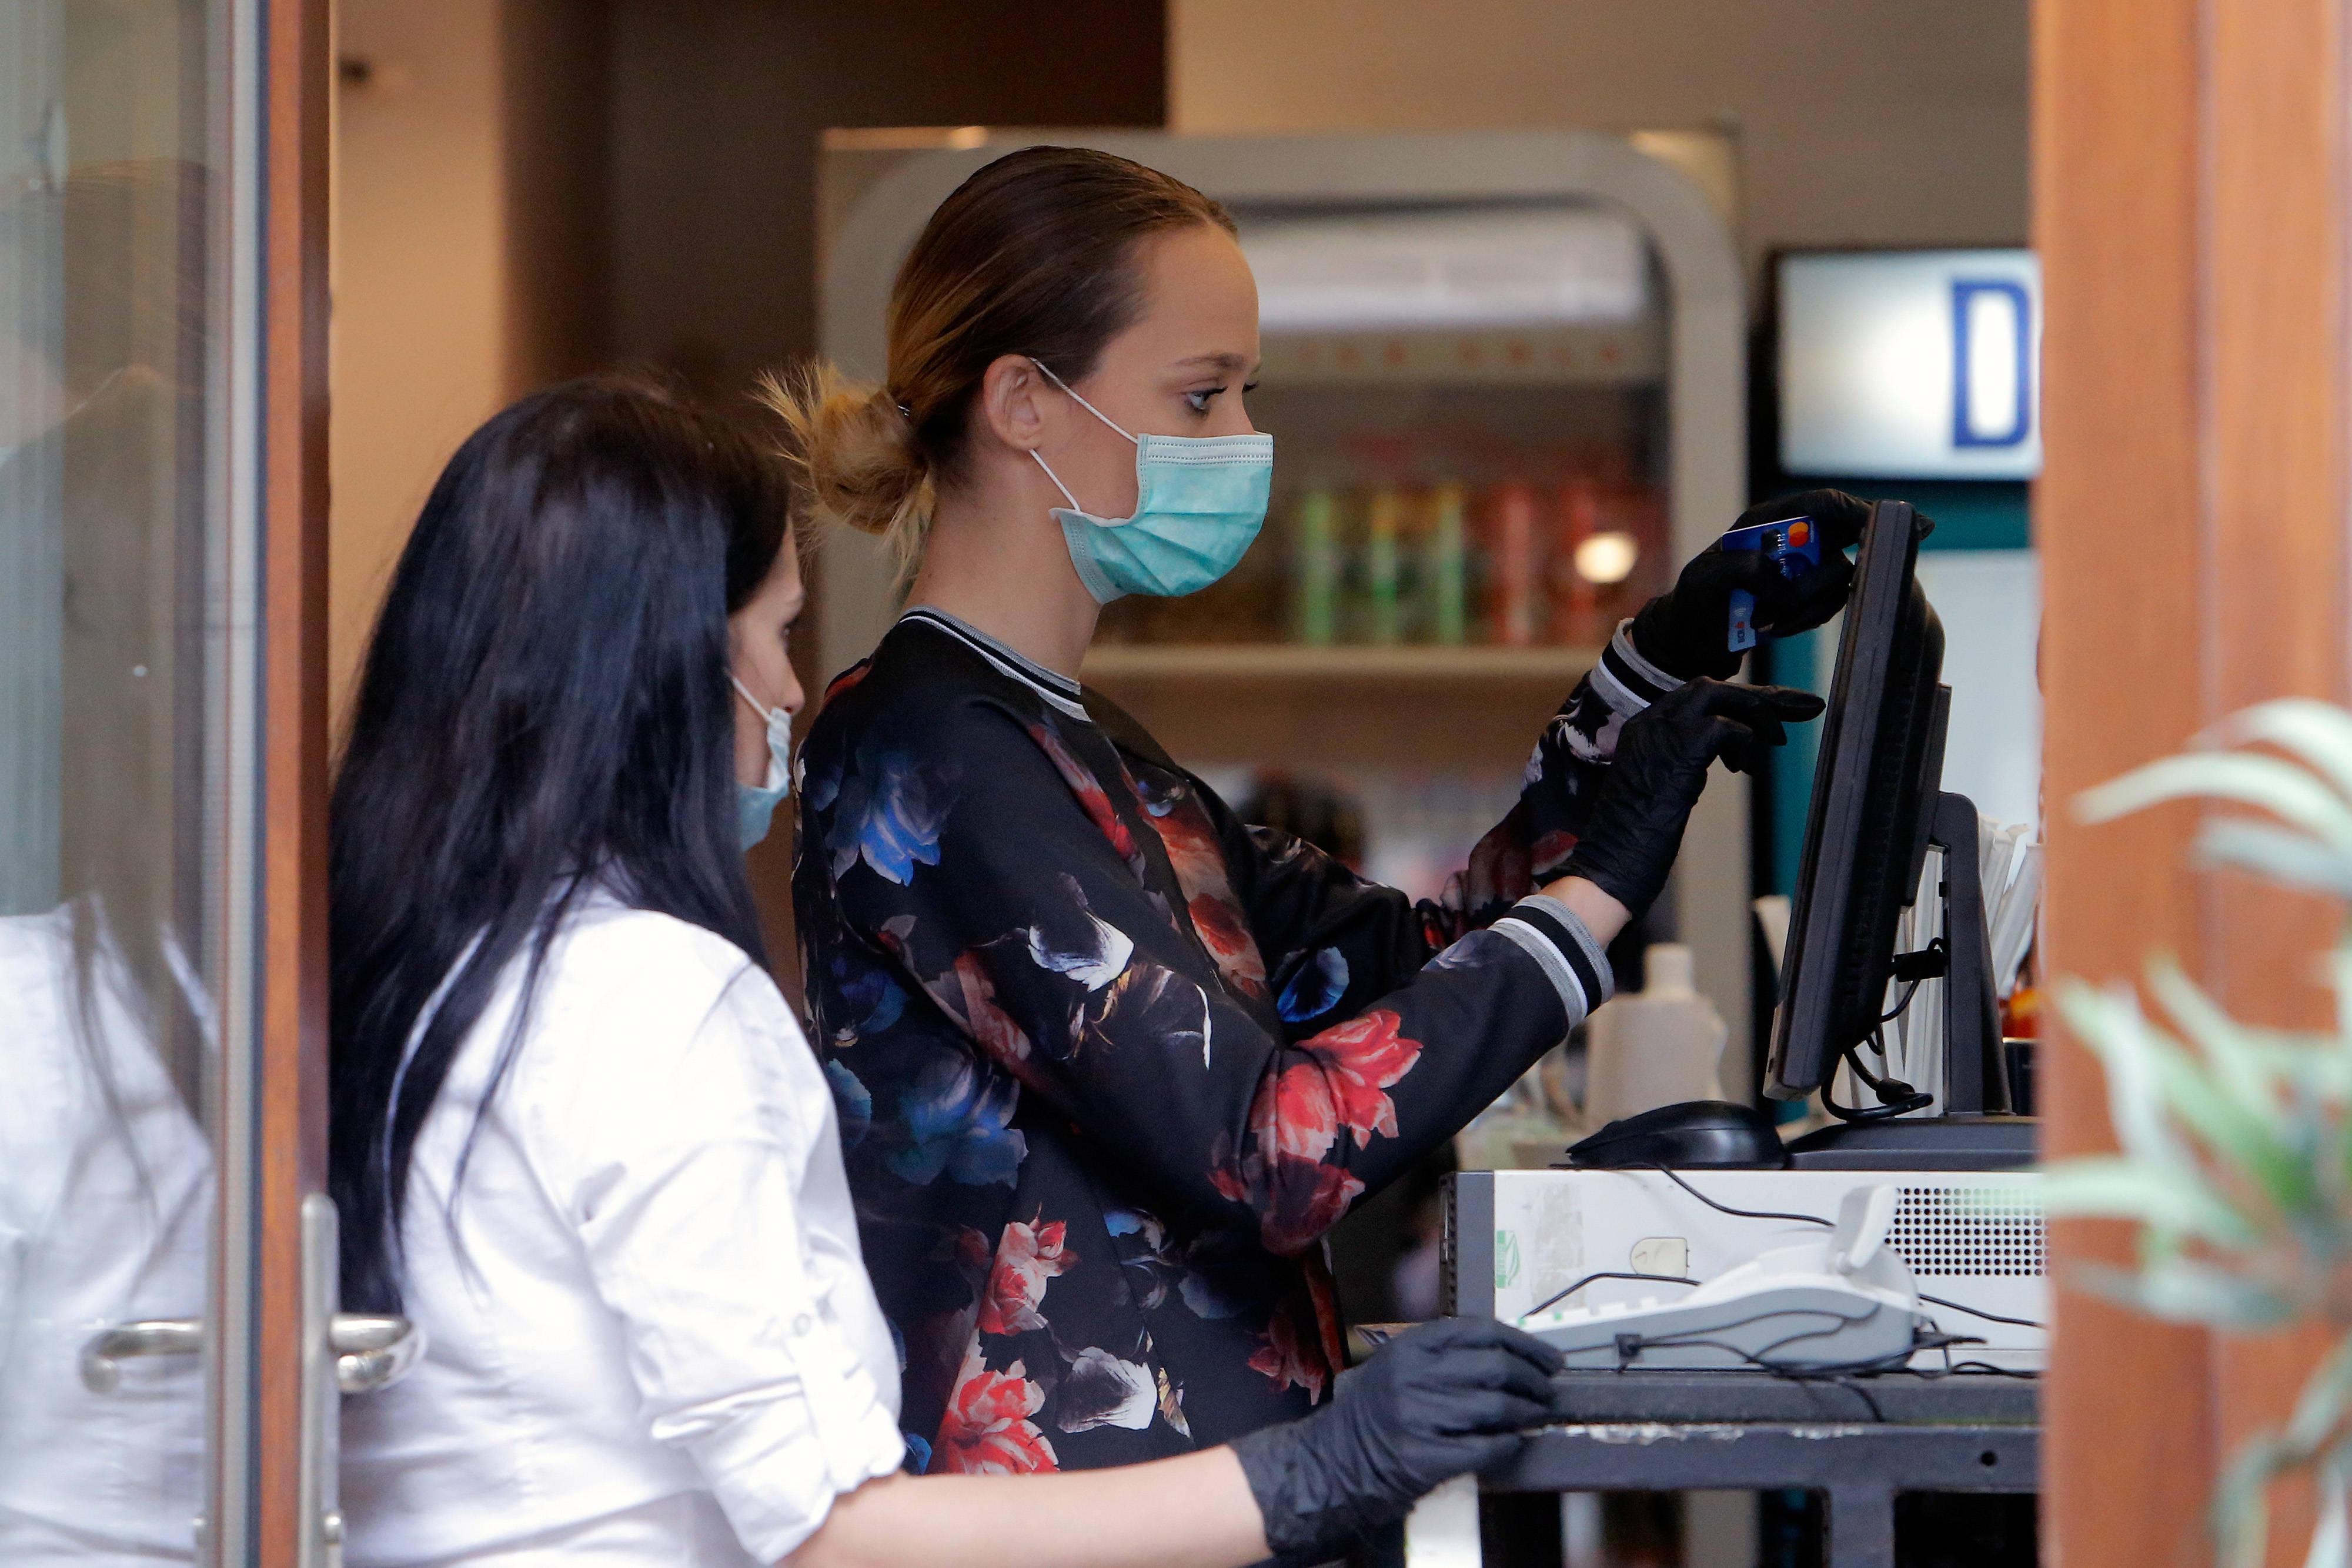 羅馬尼亞開啟第二階段放開新冠疫情管制措施